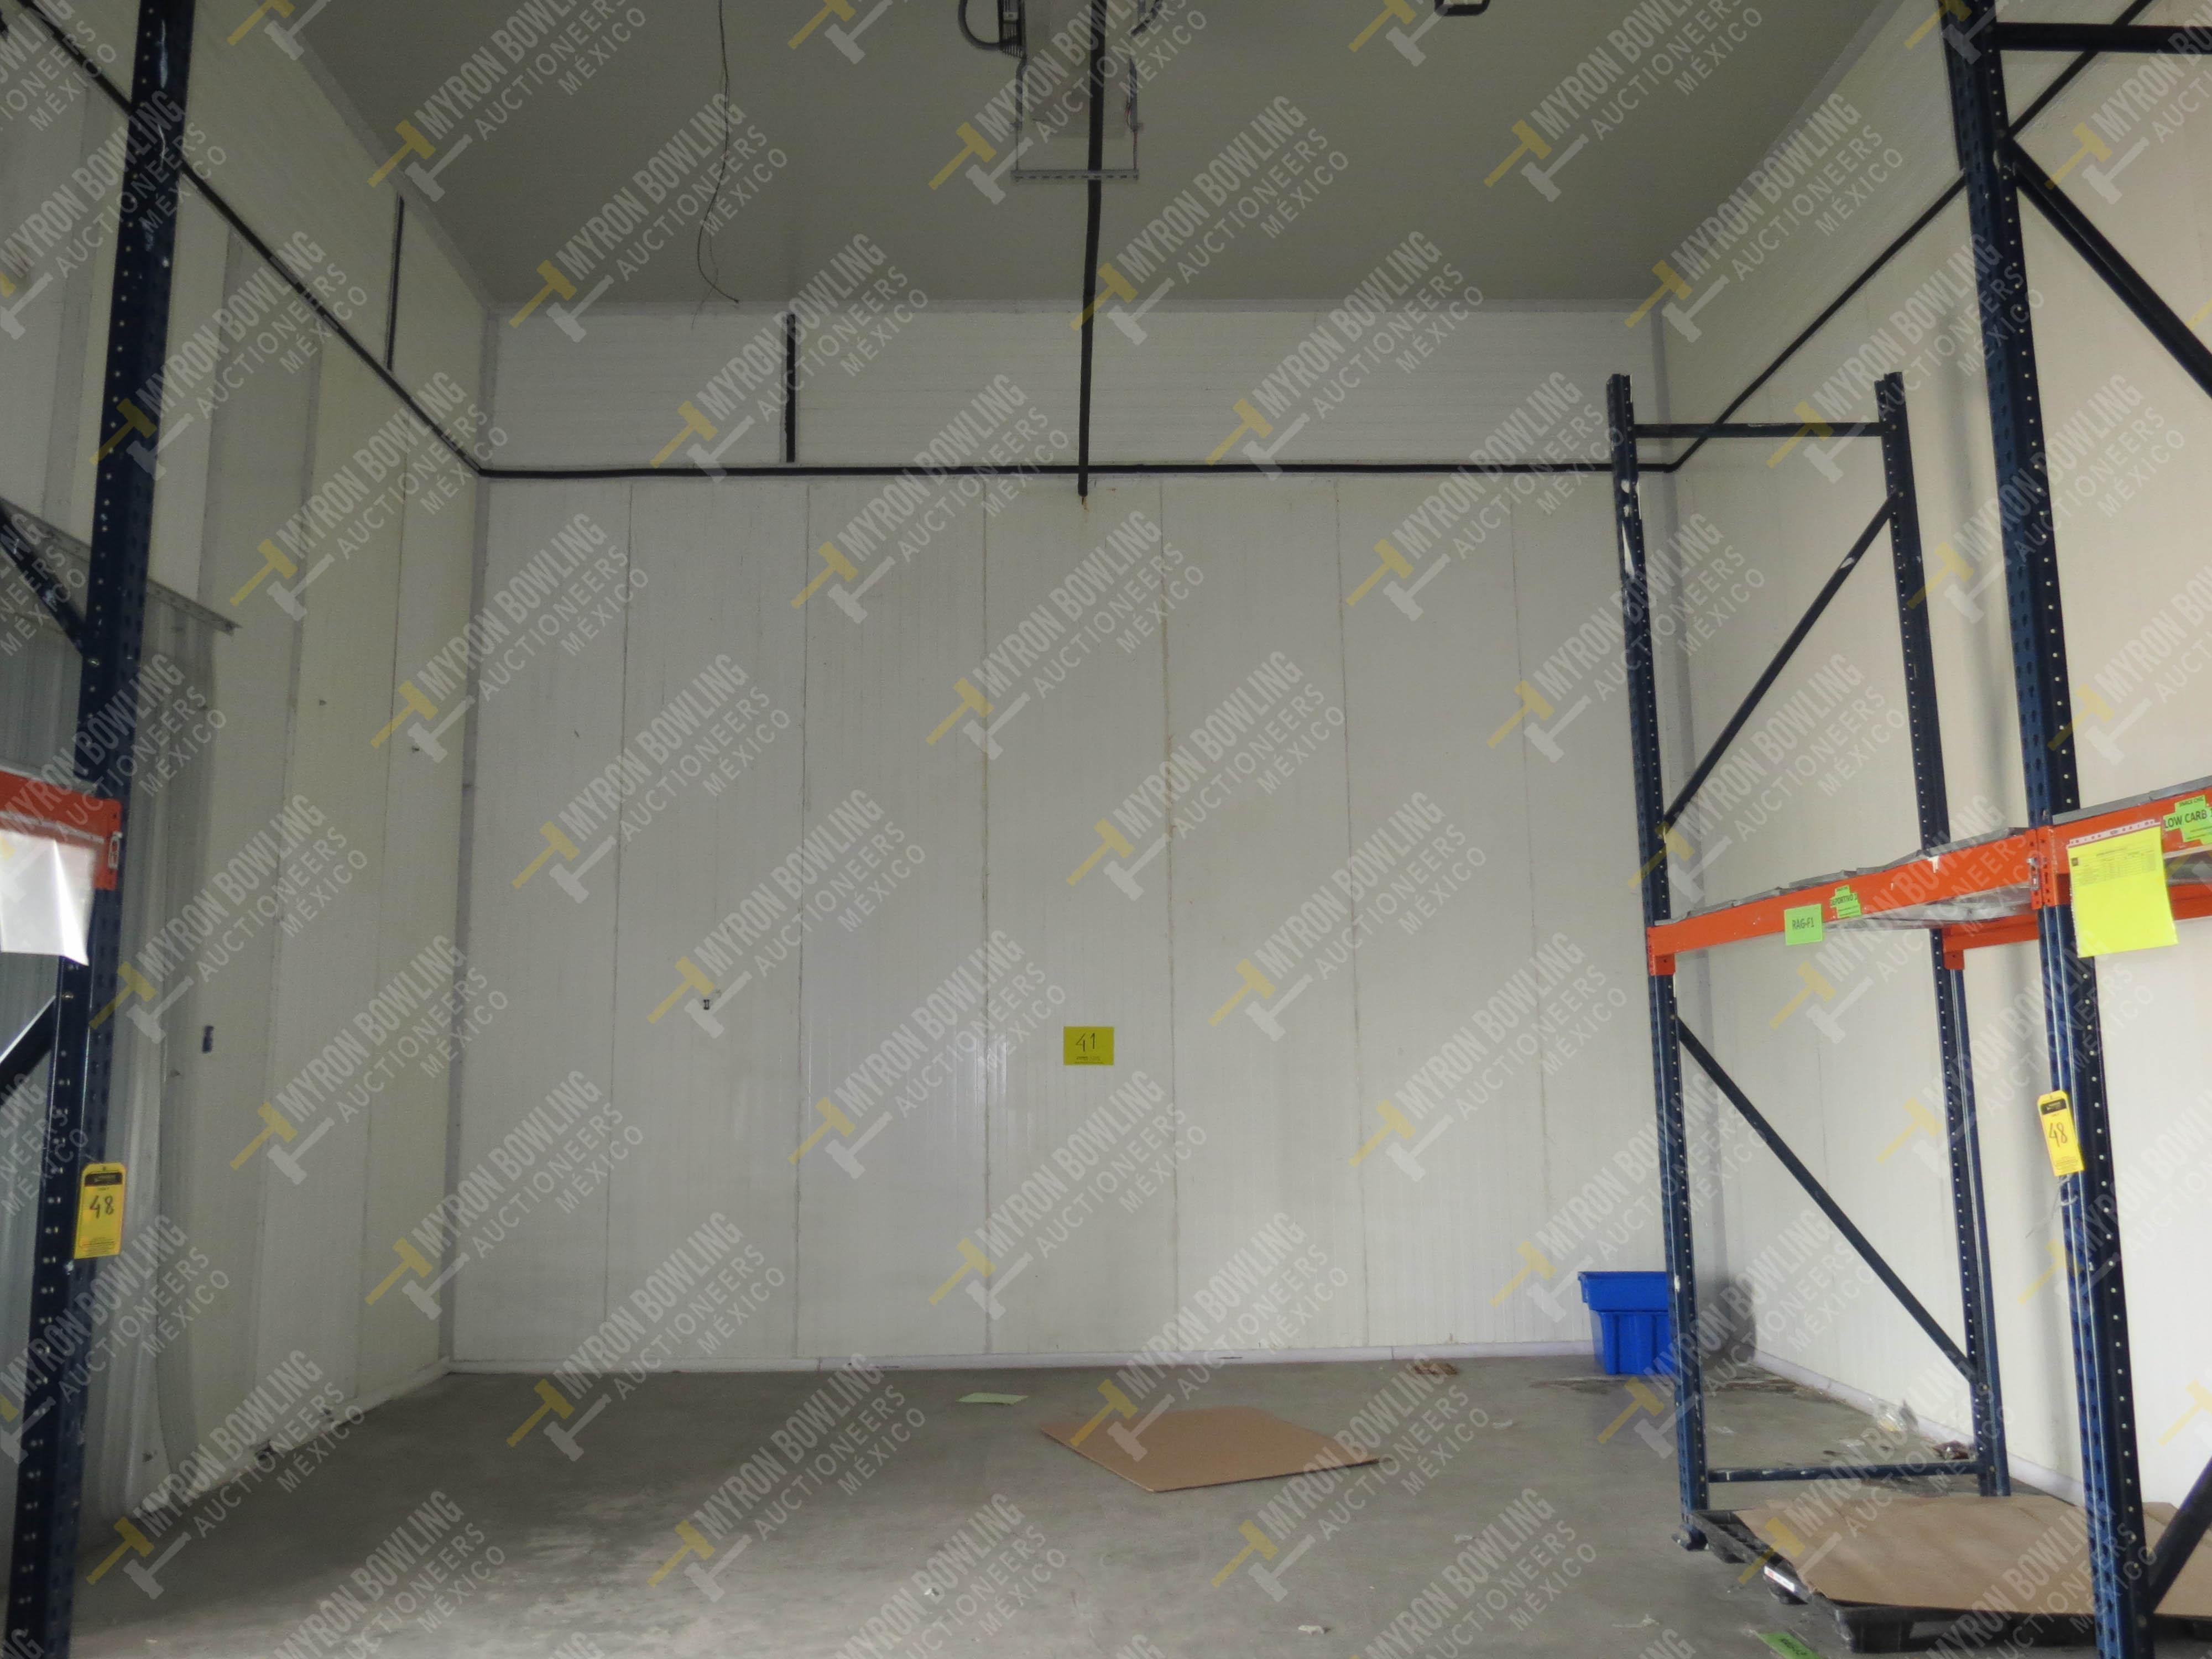 Cámara de refrigeración marca Krack, Modelo CSD-0301-L4K-133DD medidas 6.80 x 13.30 x 5.80 - Image 6 of 15